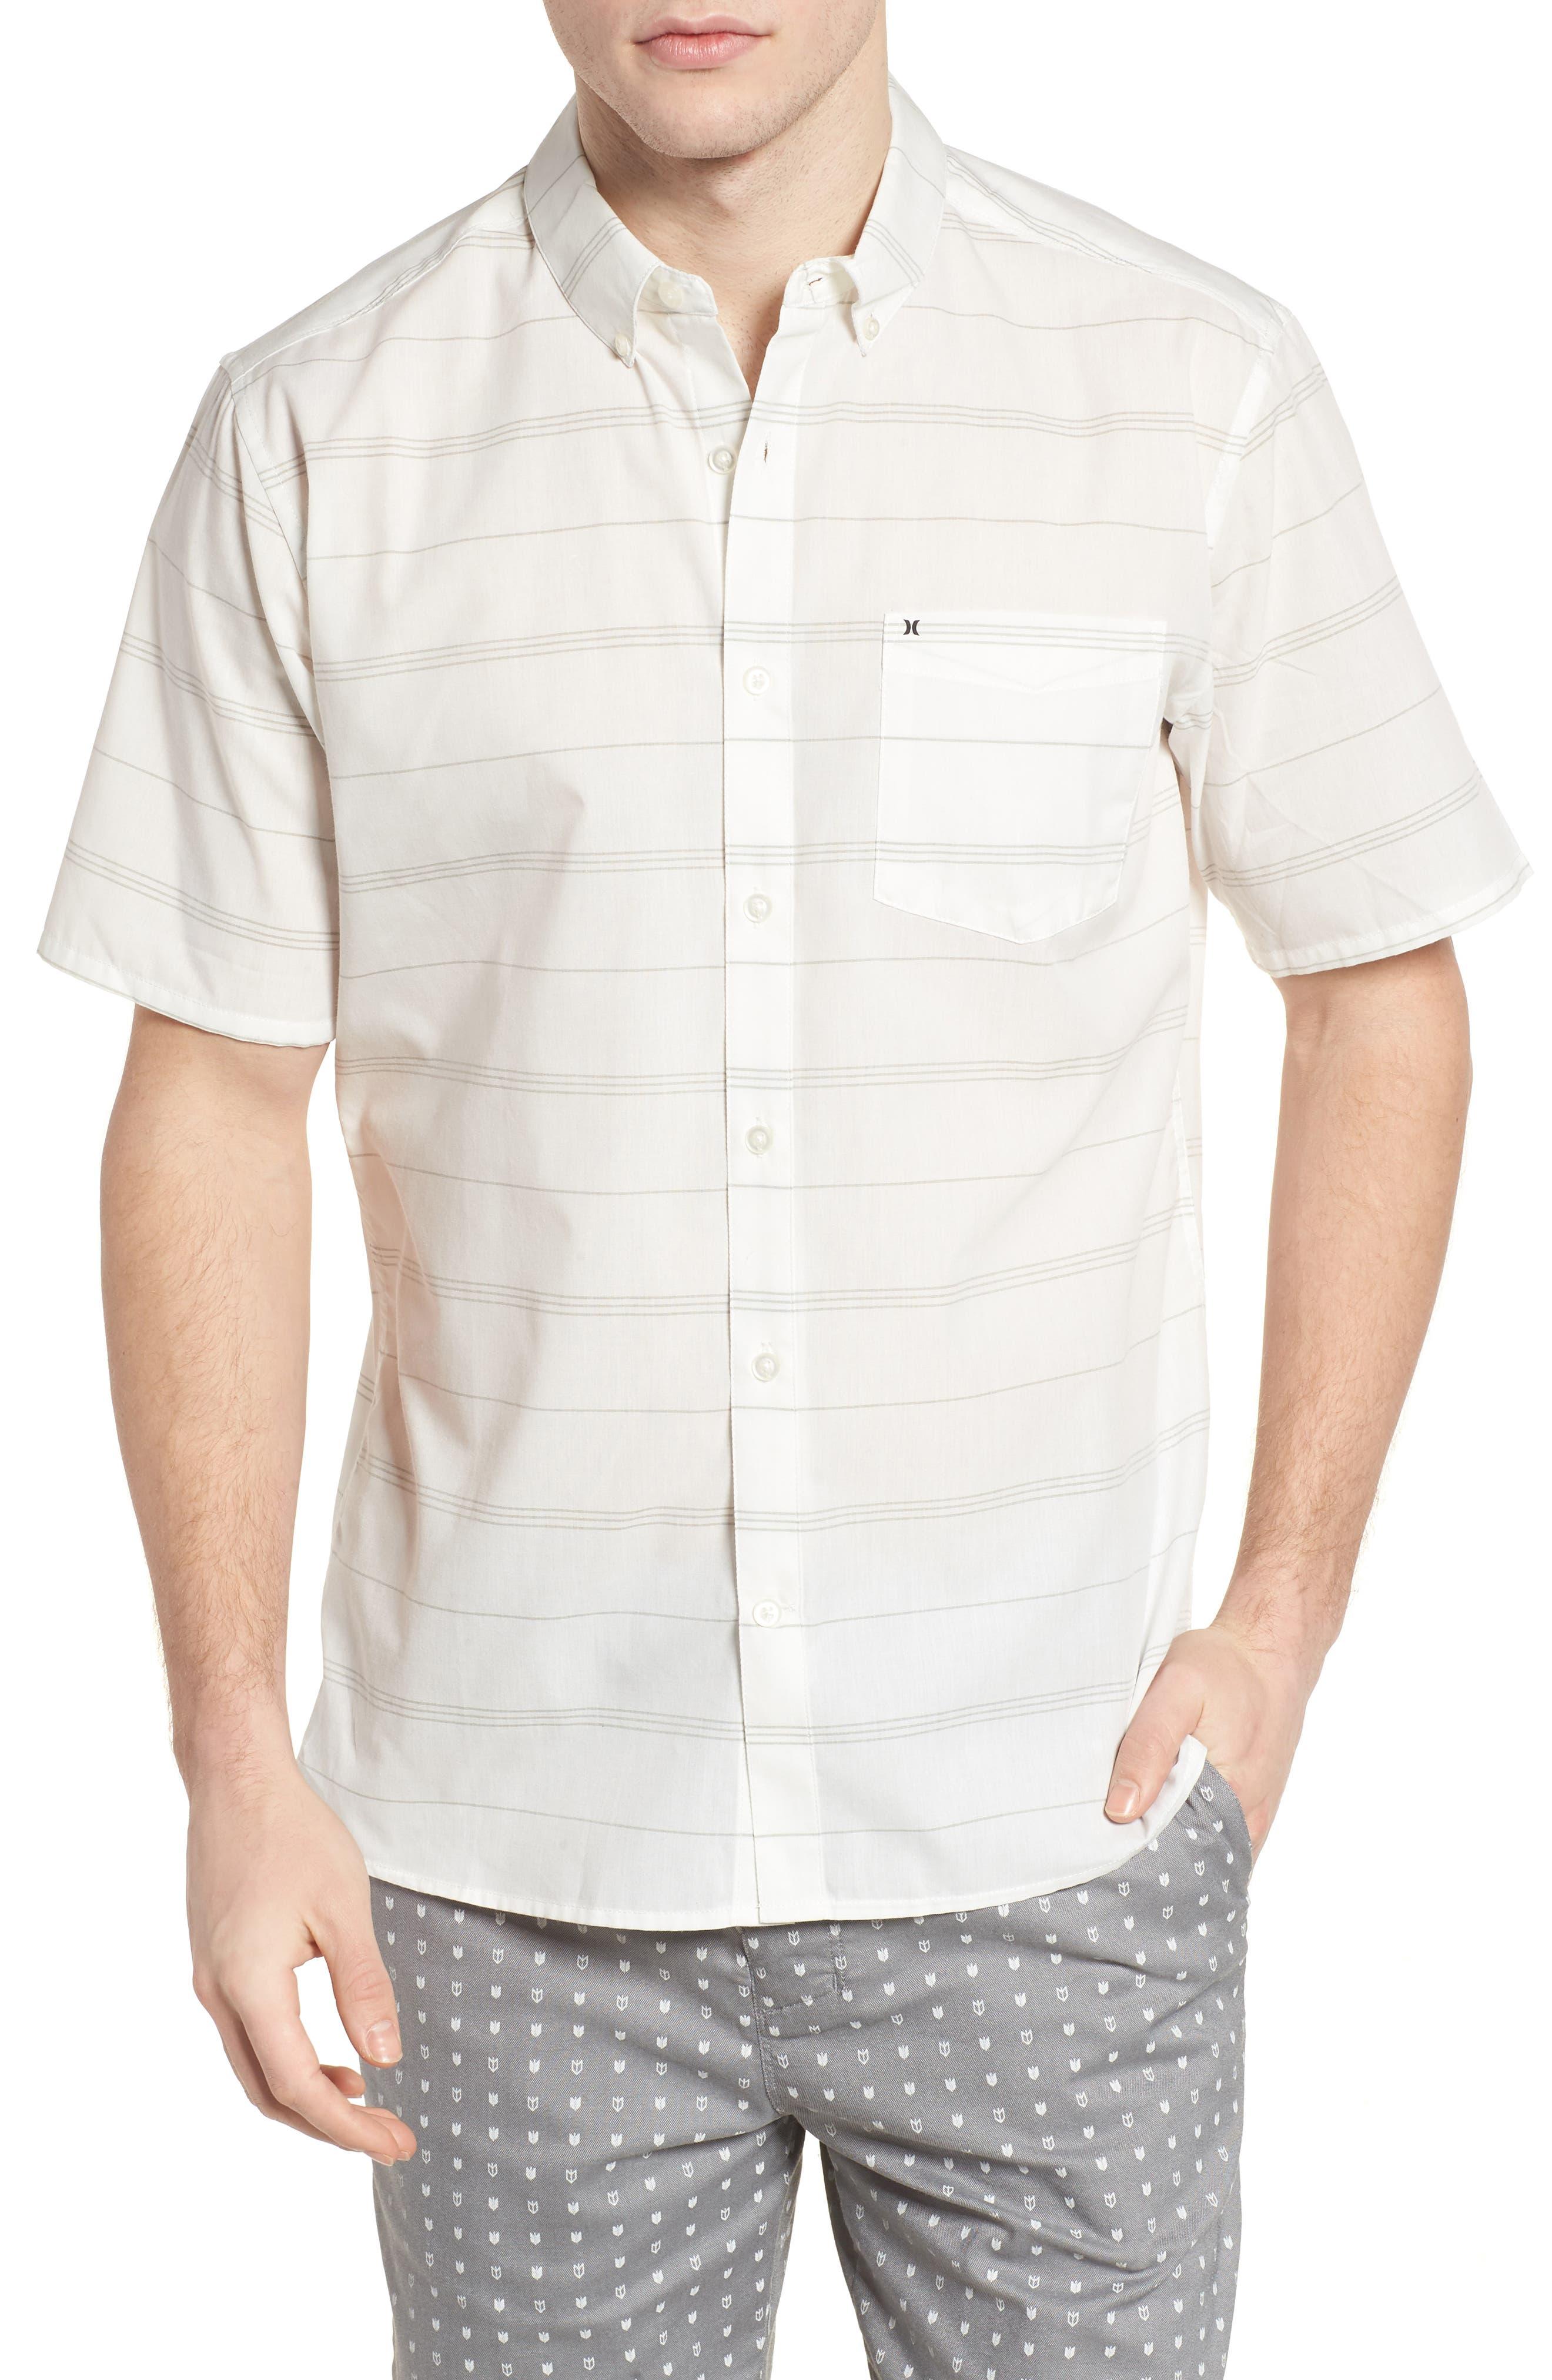 Dri-FIT Rhythm Shirt,                         Main,                         color, Sail